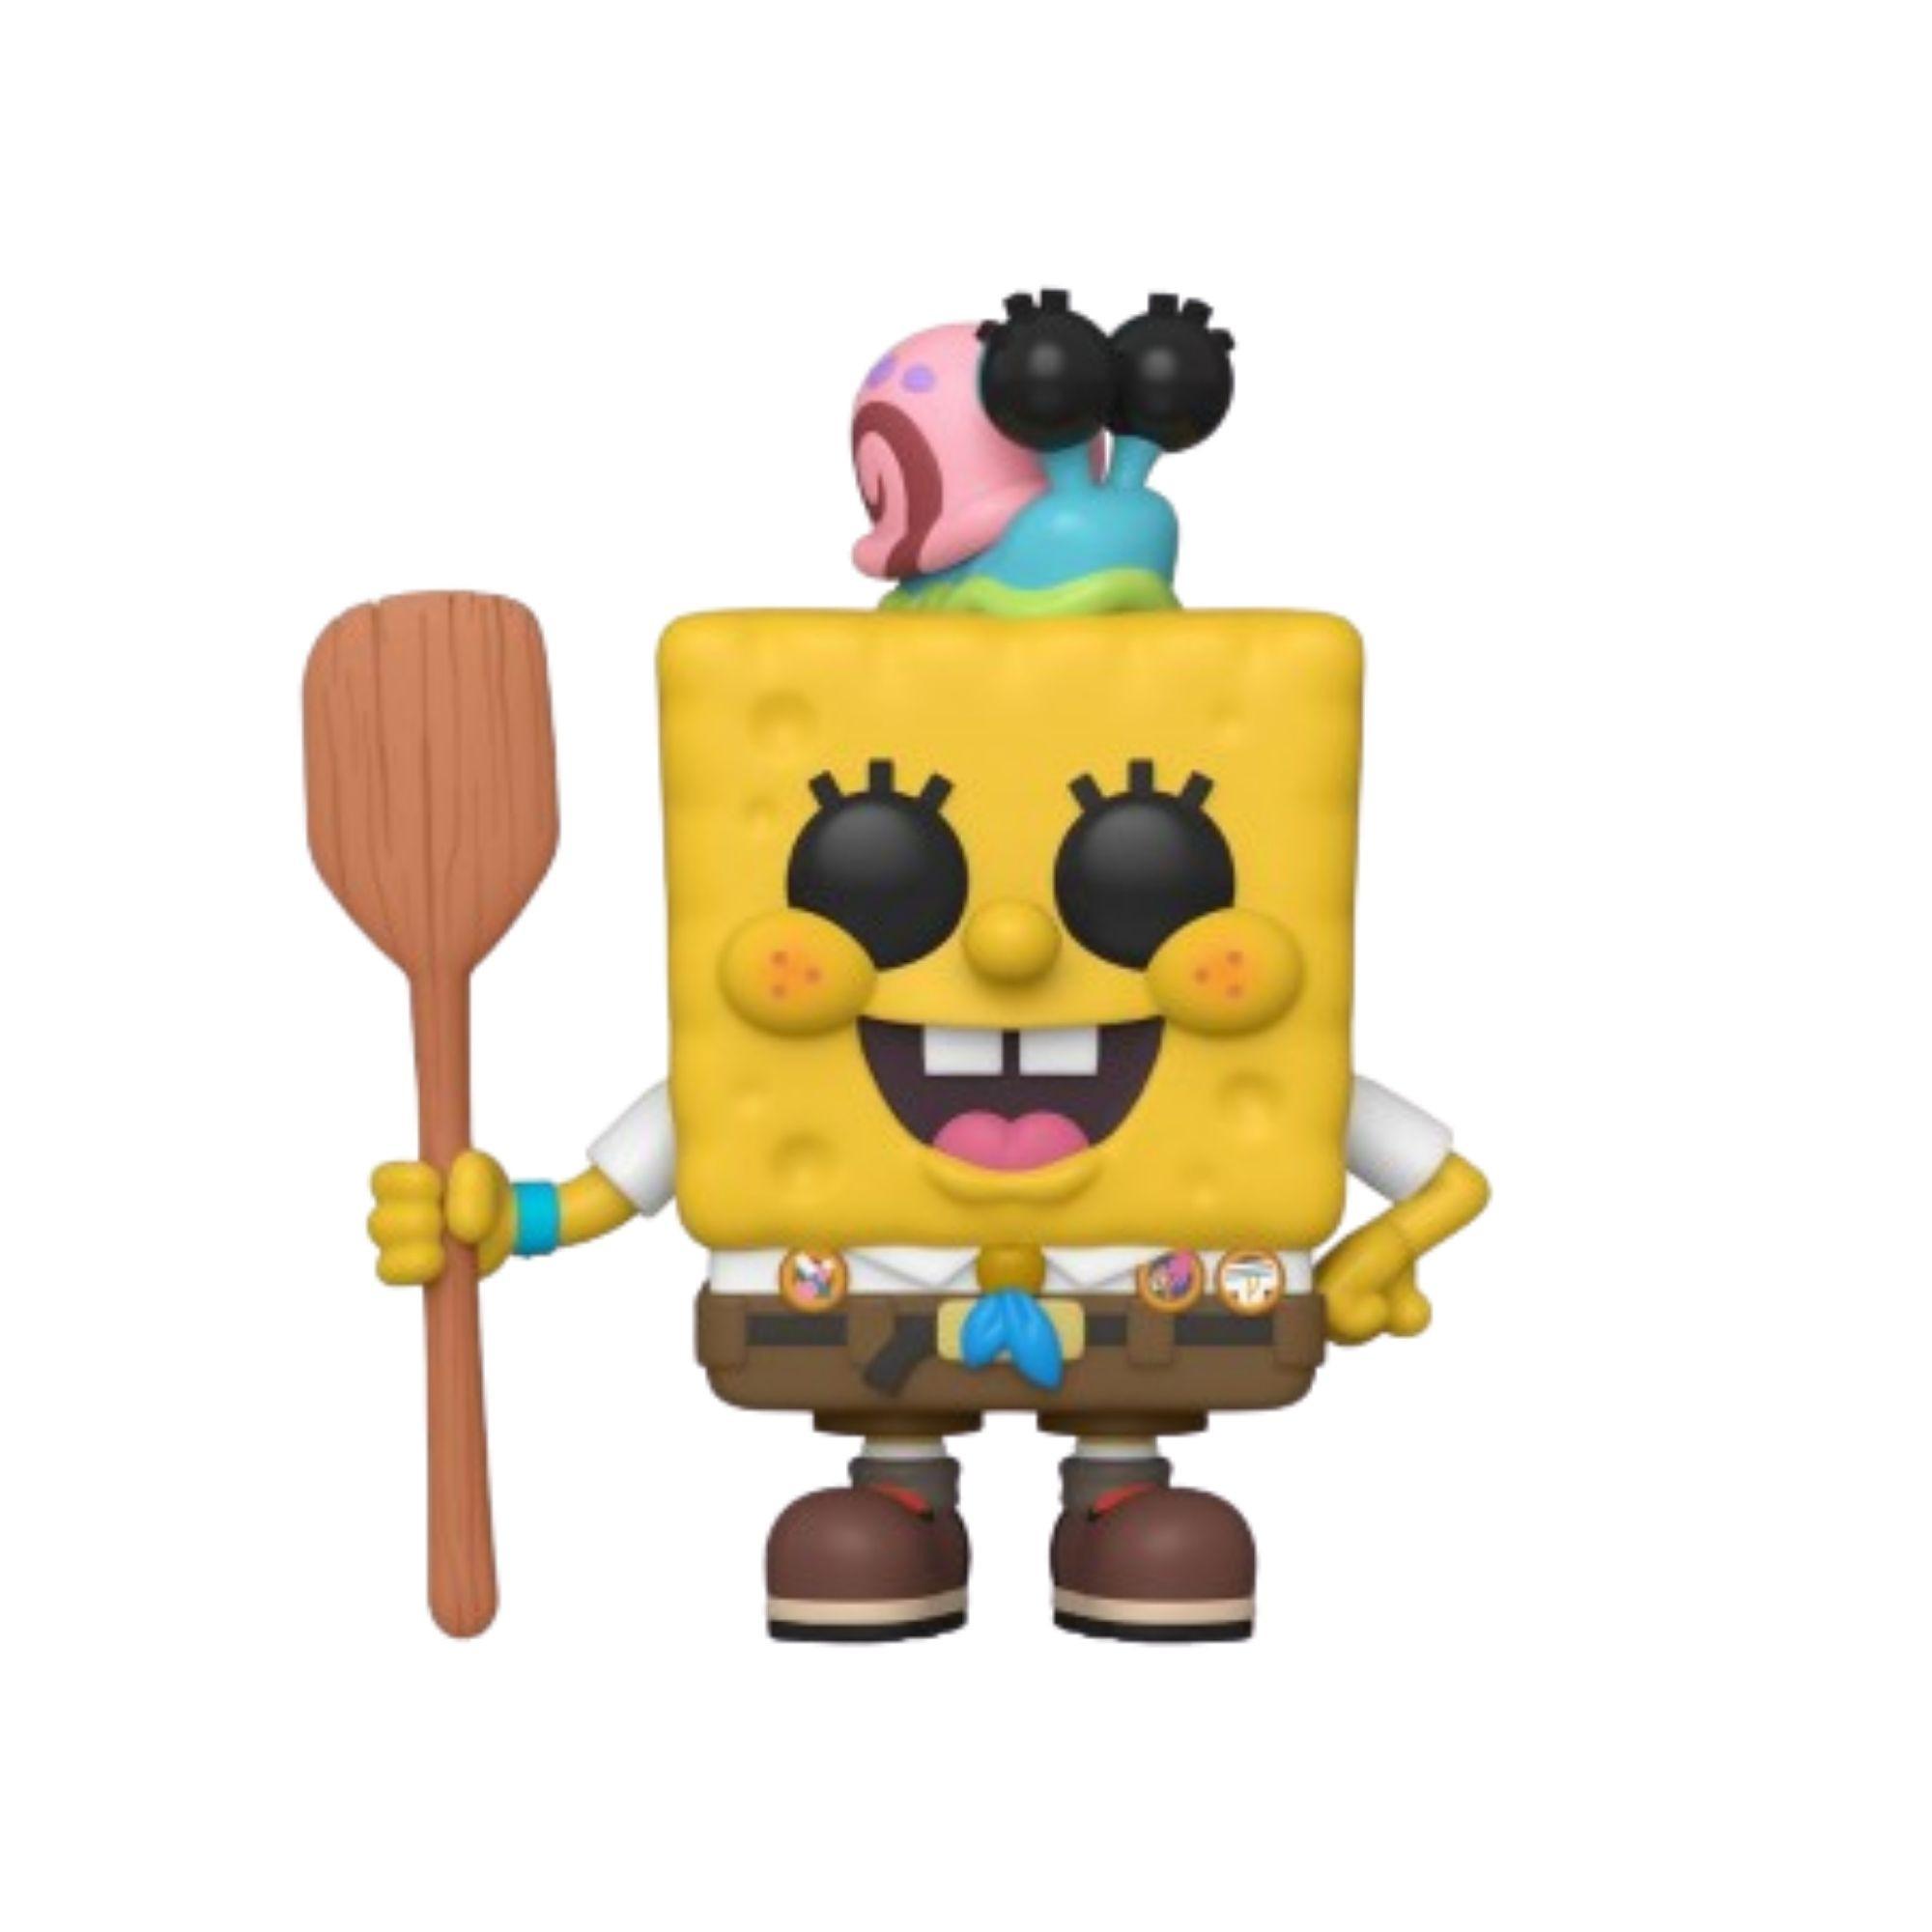 Funko Pop Bob Esponja com Gary  #916 Spongebob  - Game Land Brinquedos